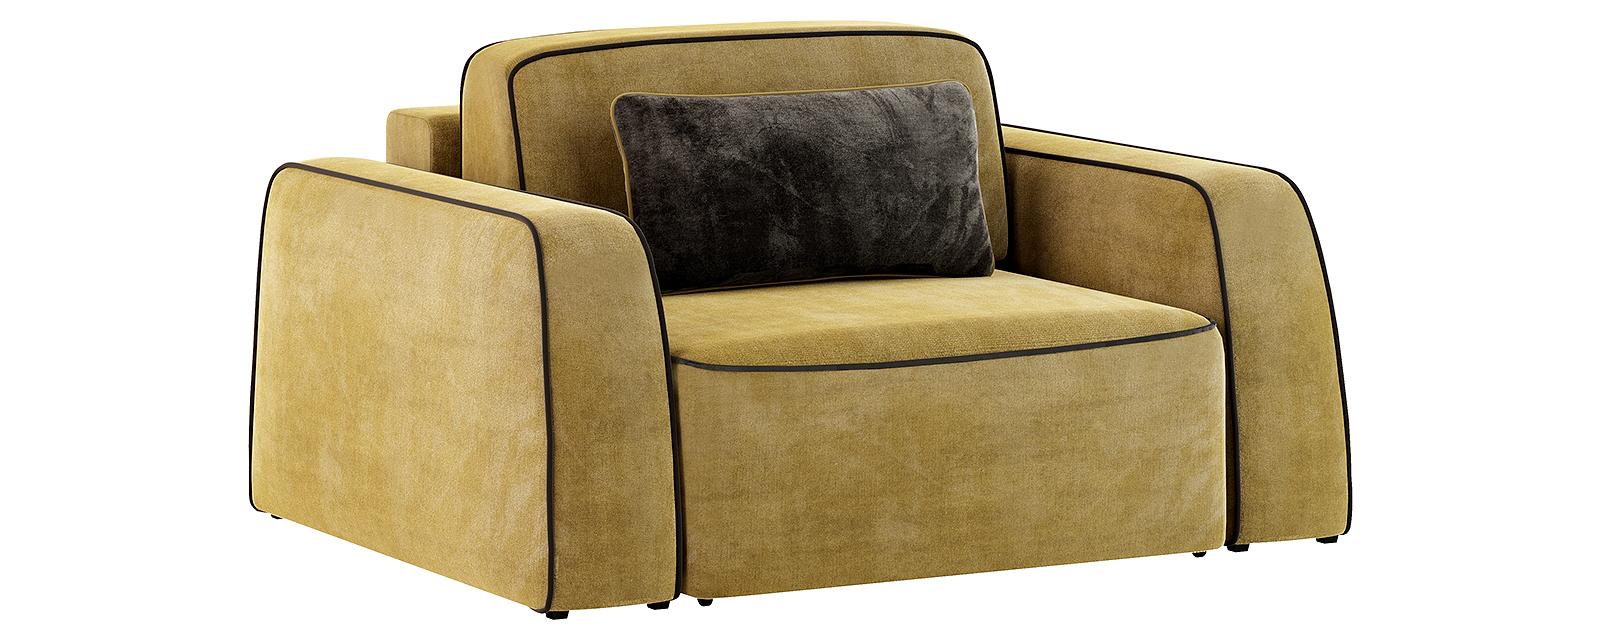 Кресло тканевое Портленд 100 см Velure оливковый/тёмно-коричневый (Велюр) от HomeMe.ru